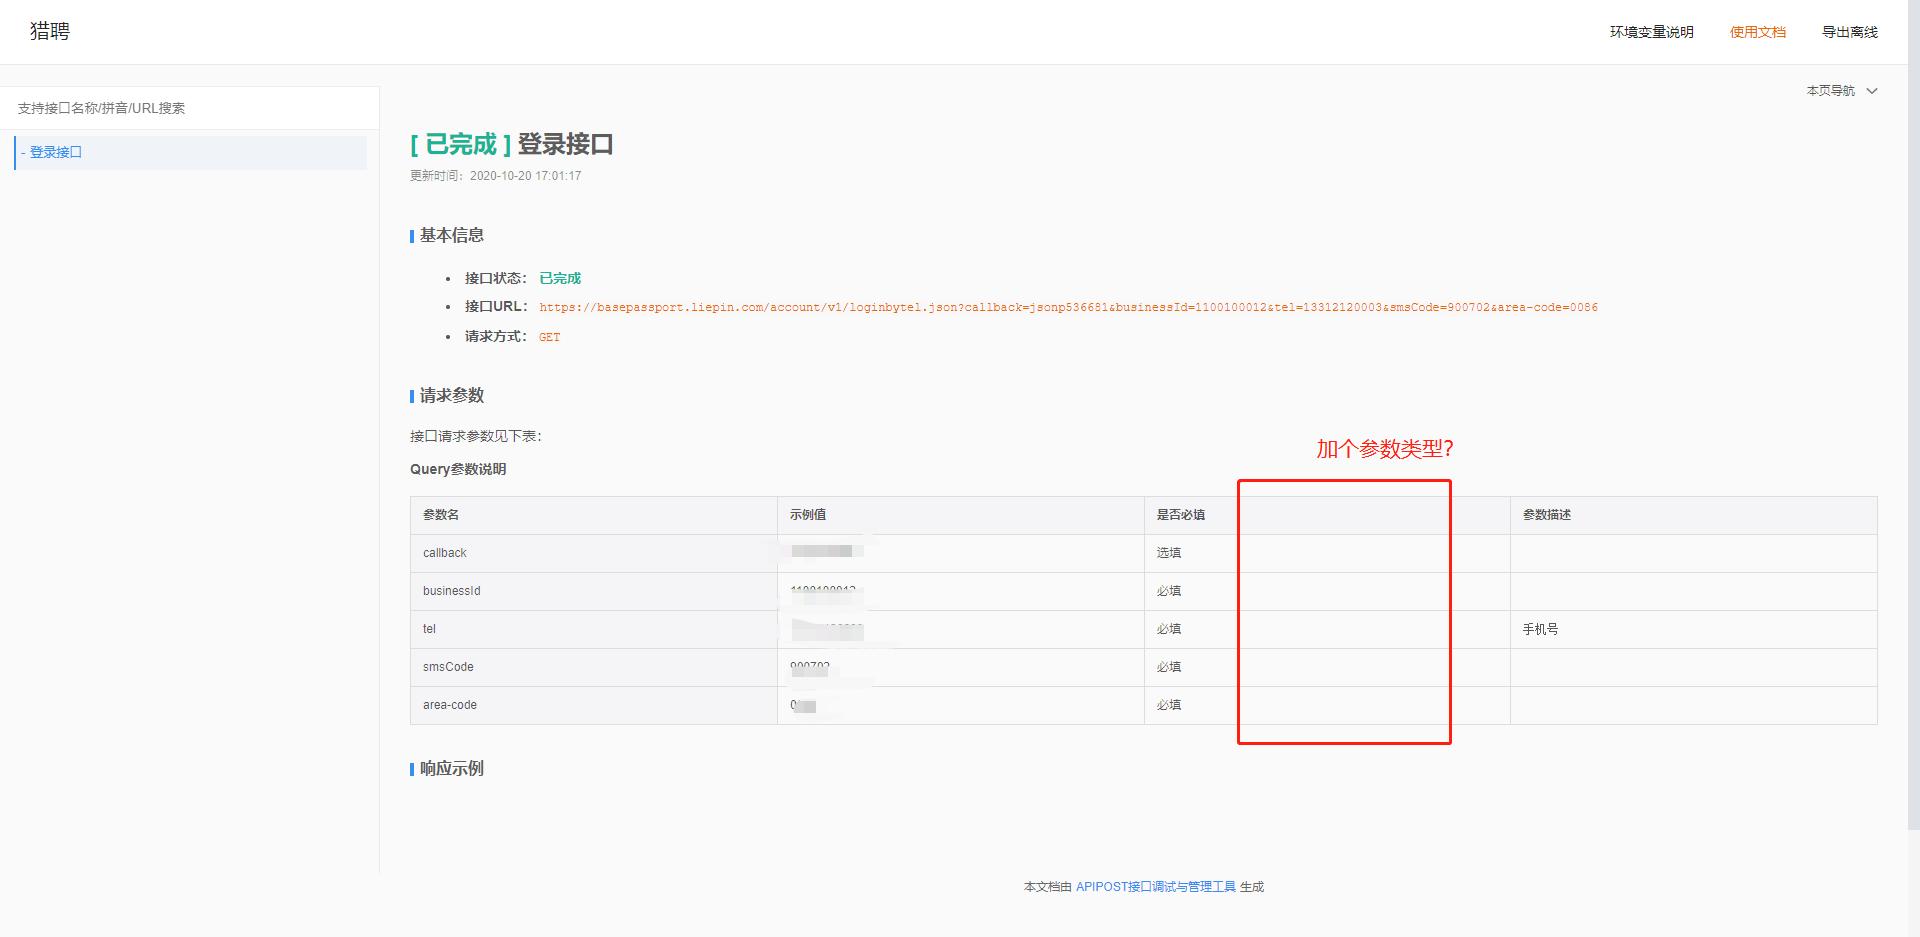 生成接口文档中能否增加类型展示。